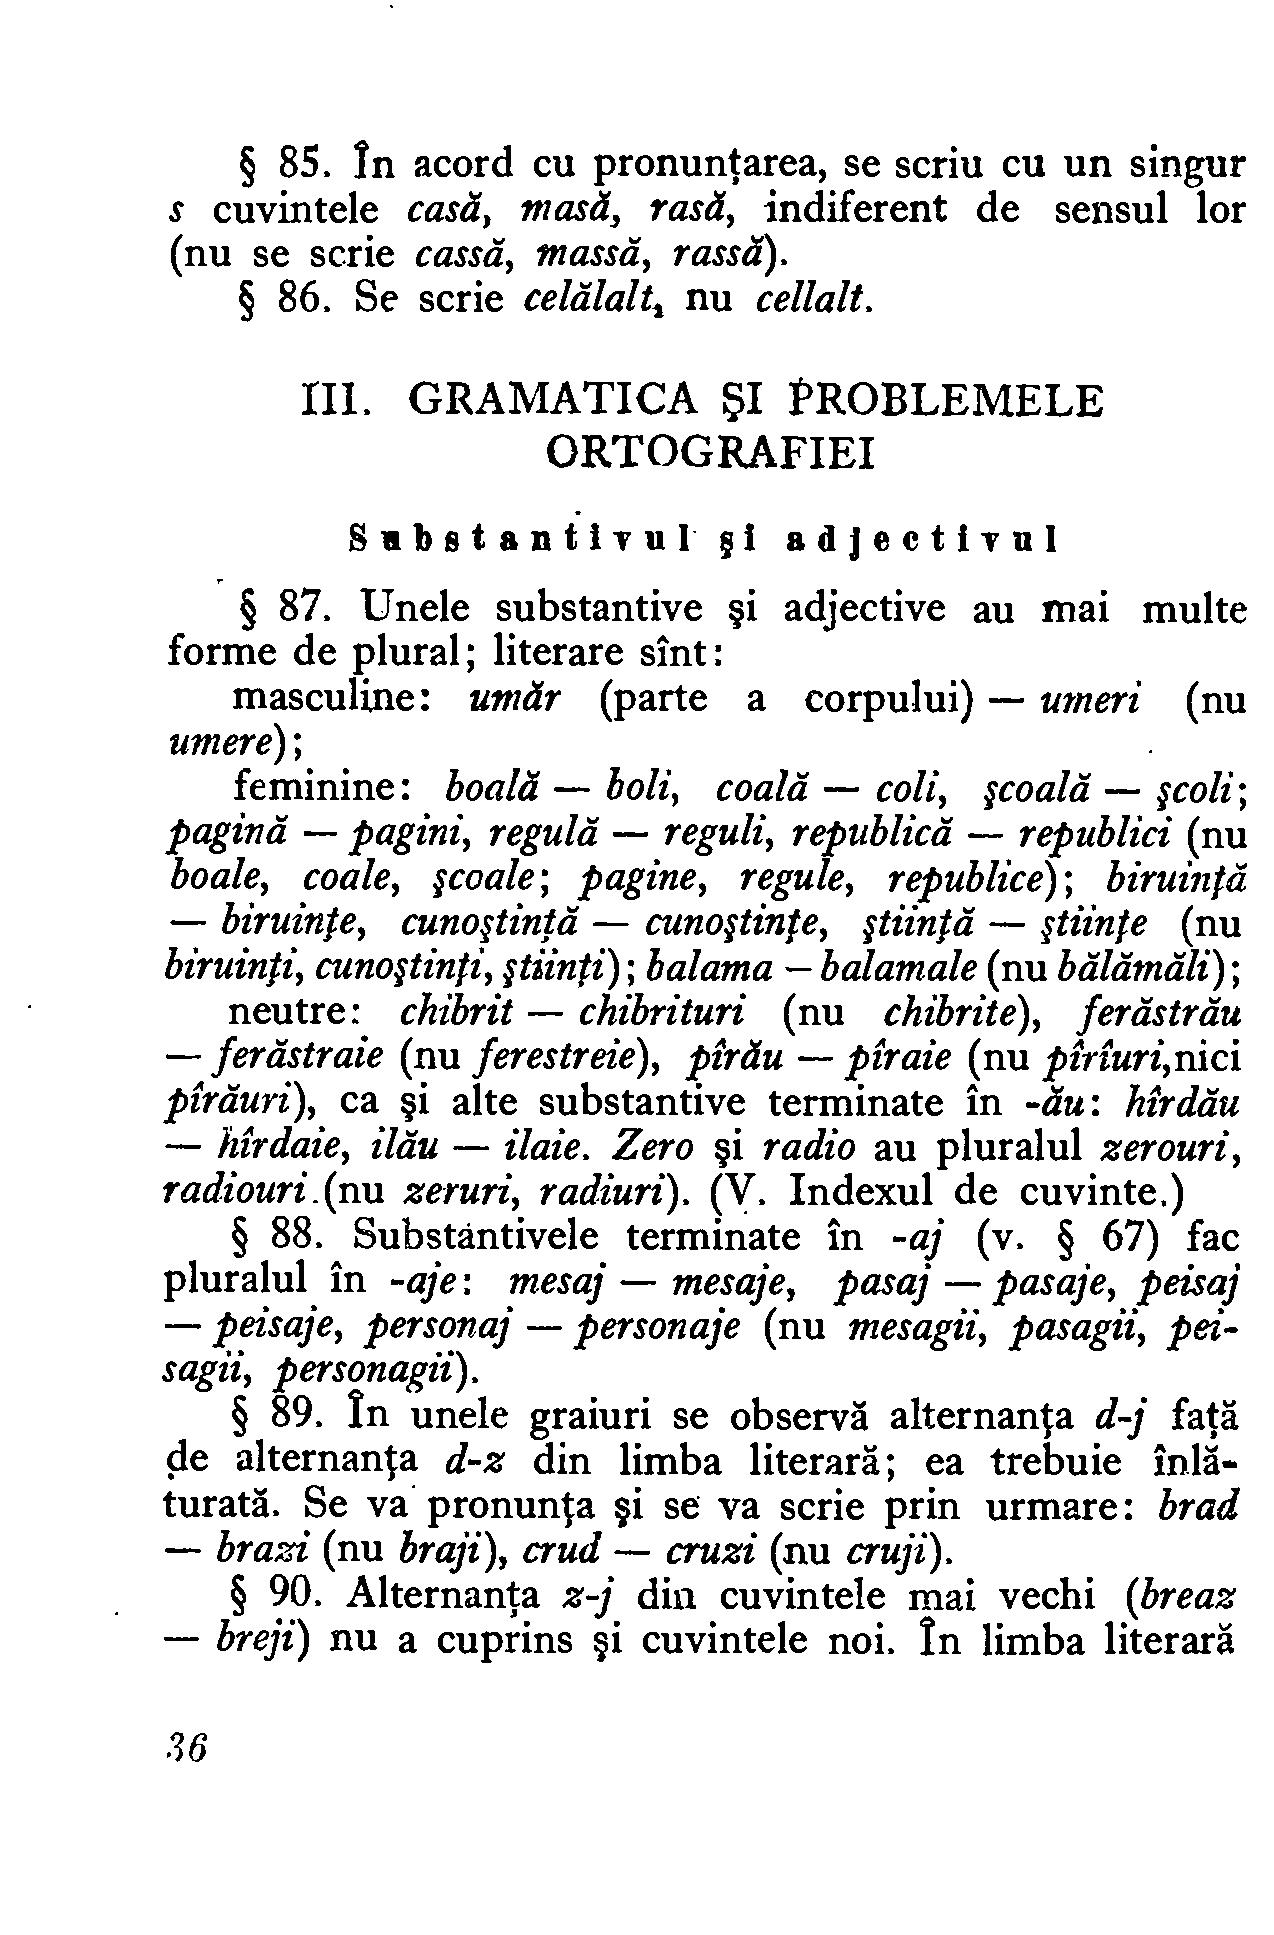 1954 - Mic dicționar ortografic (34).png